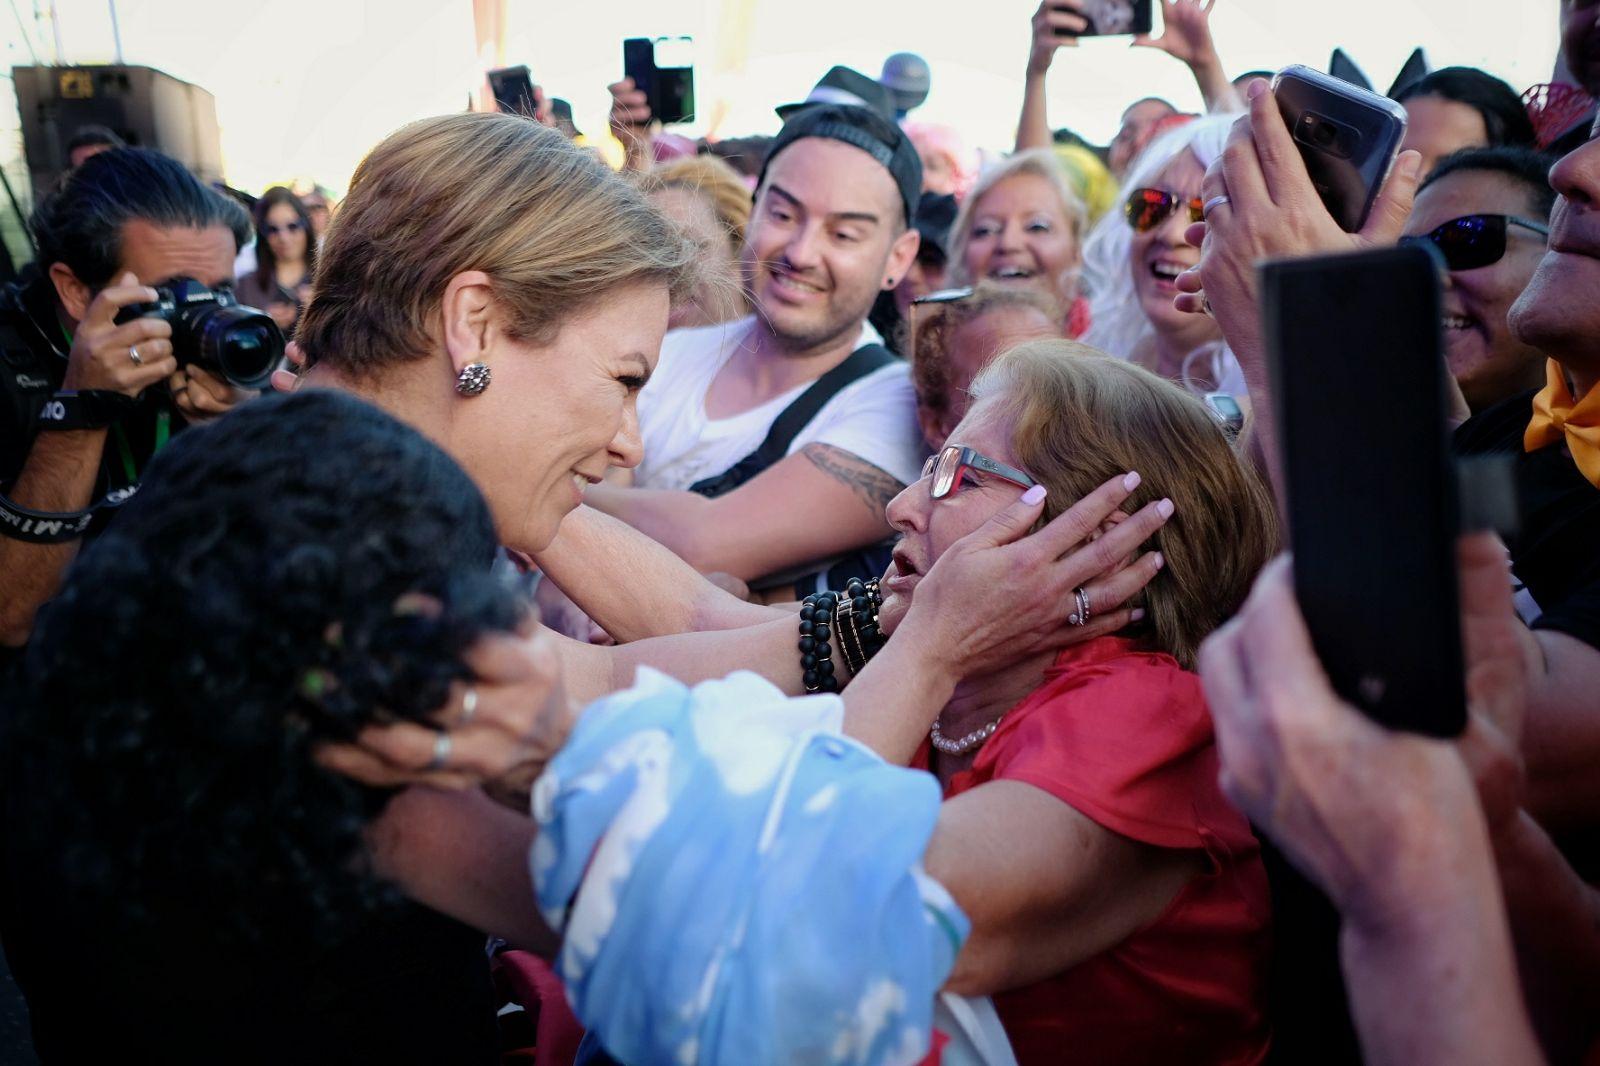 Olga Tañón regala su atuendo durante su actuación a una mujer de entre el público. / FOTO: Andrés Gutiérrez